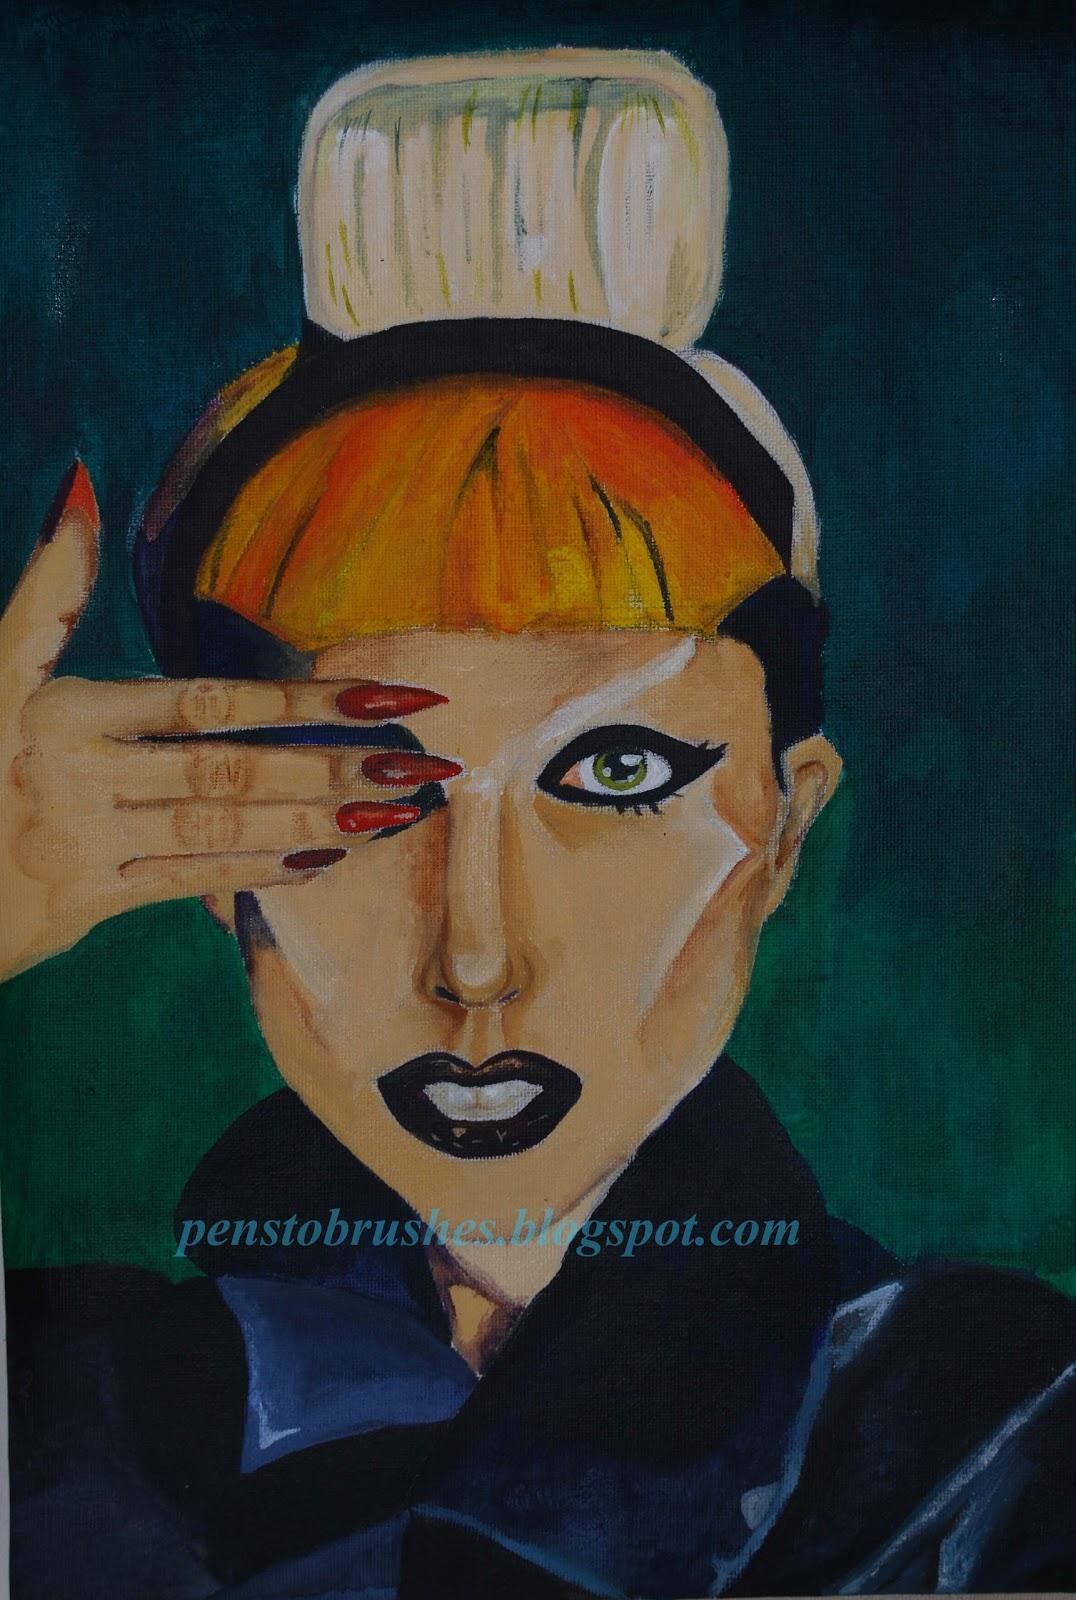 http://1.bp.blogspot.com/-1DCoaXqUbbY/ThMx0FHlR1I/AAAAAAAAAR0/GZ2cjbsrG7U/s1600/Lady+Gaga.jpg